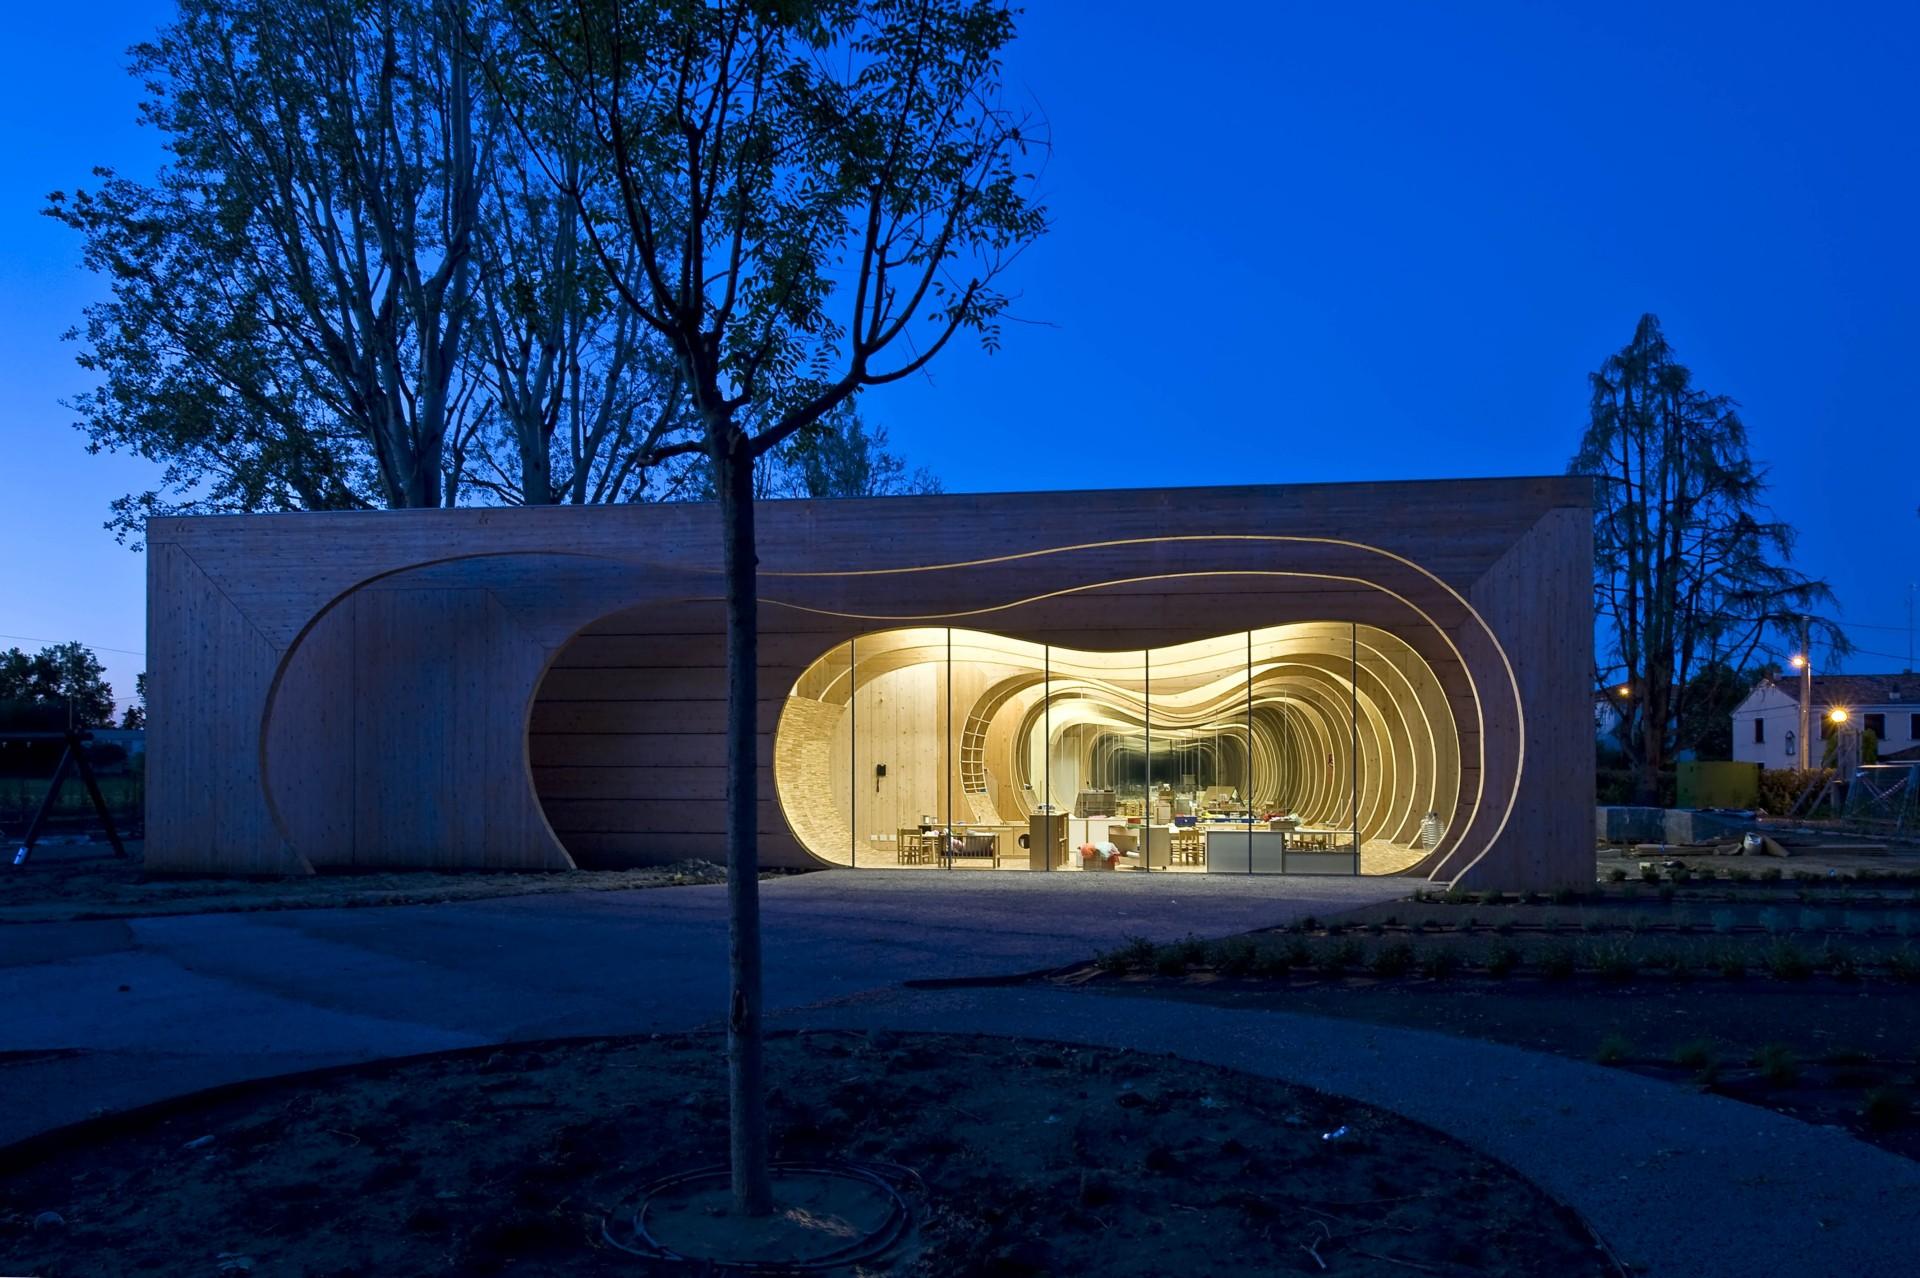 Mario cucinella the italian pavilion venice architecture for Biennale venezia 2018